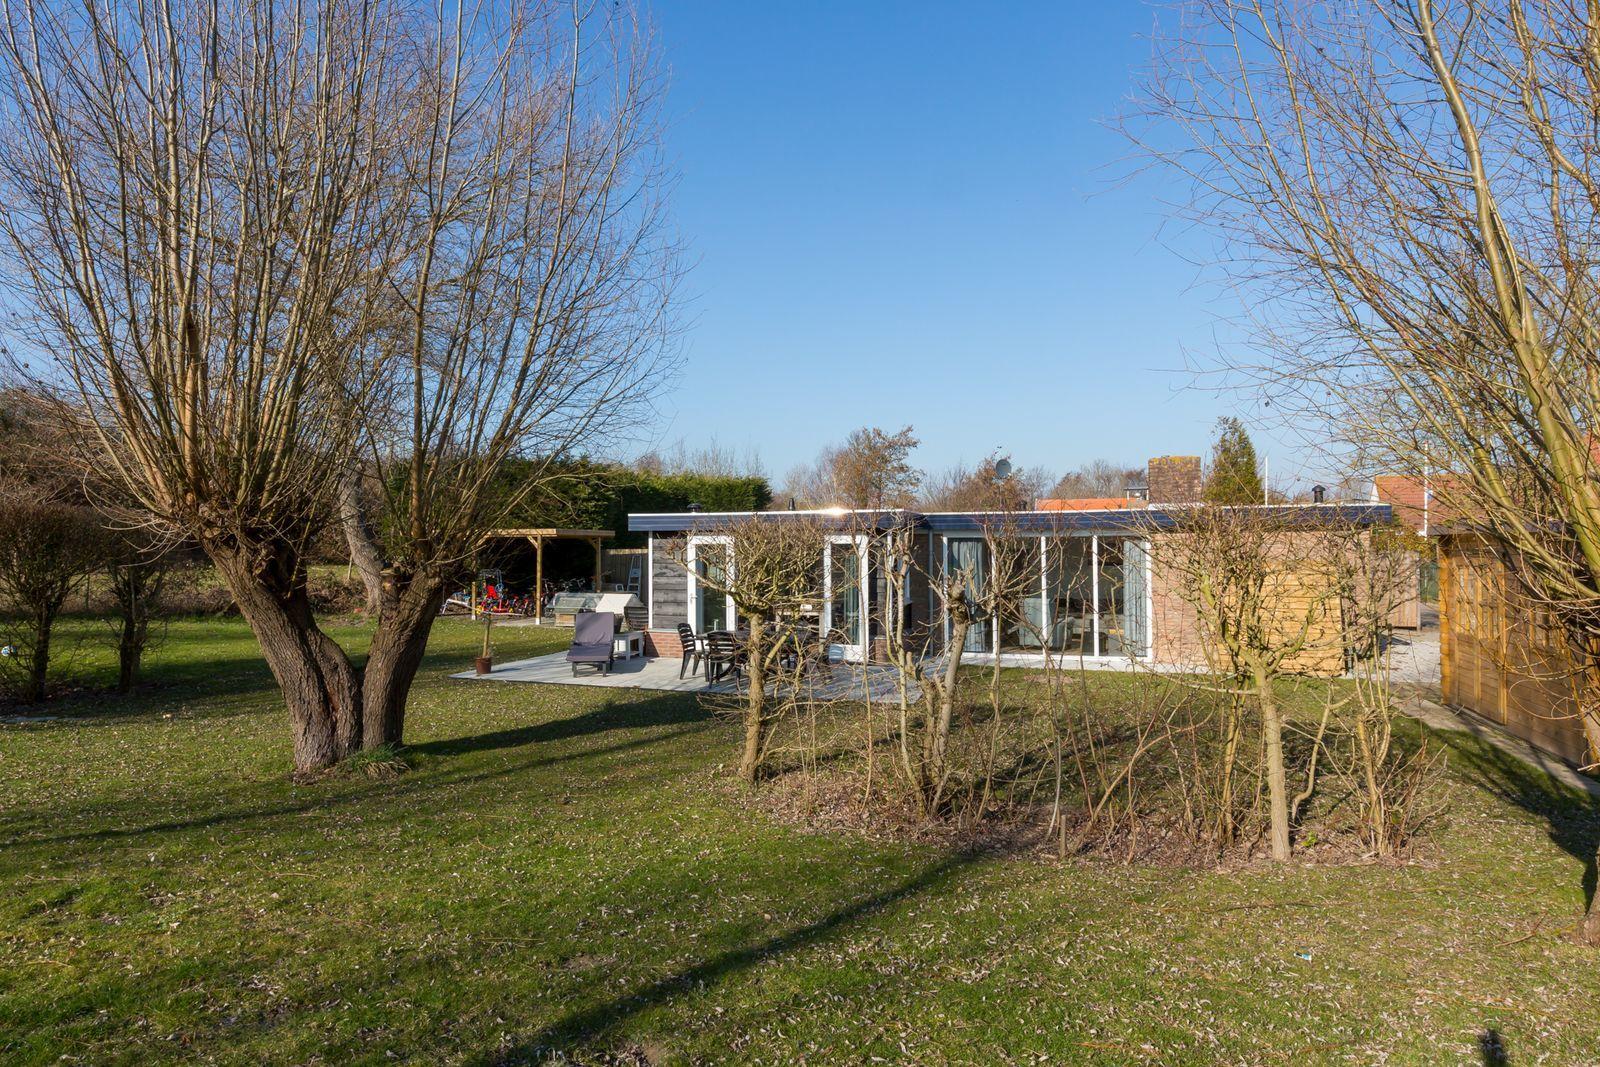 Ferienhaus - Inlaag 20 | Wolphaartsdijk